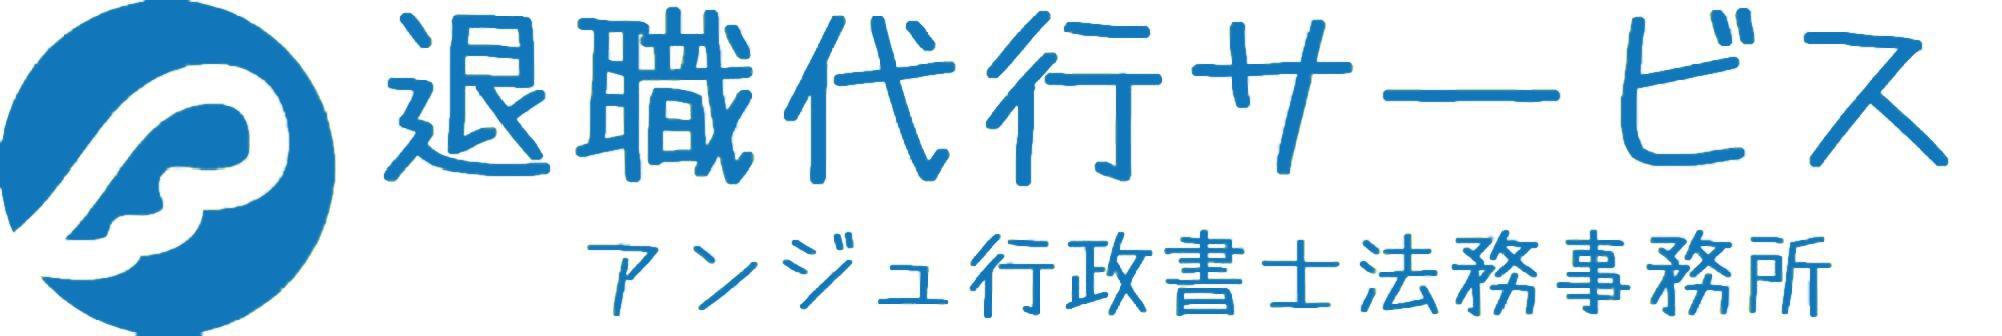 退職の駆け込み寺-退職代行サービス-アンジュ行政書士法務事務所